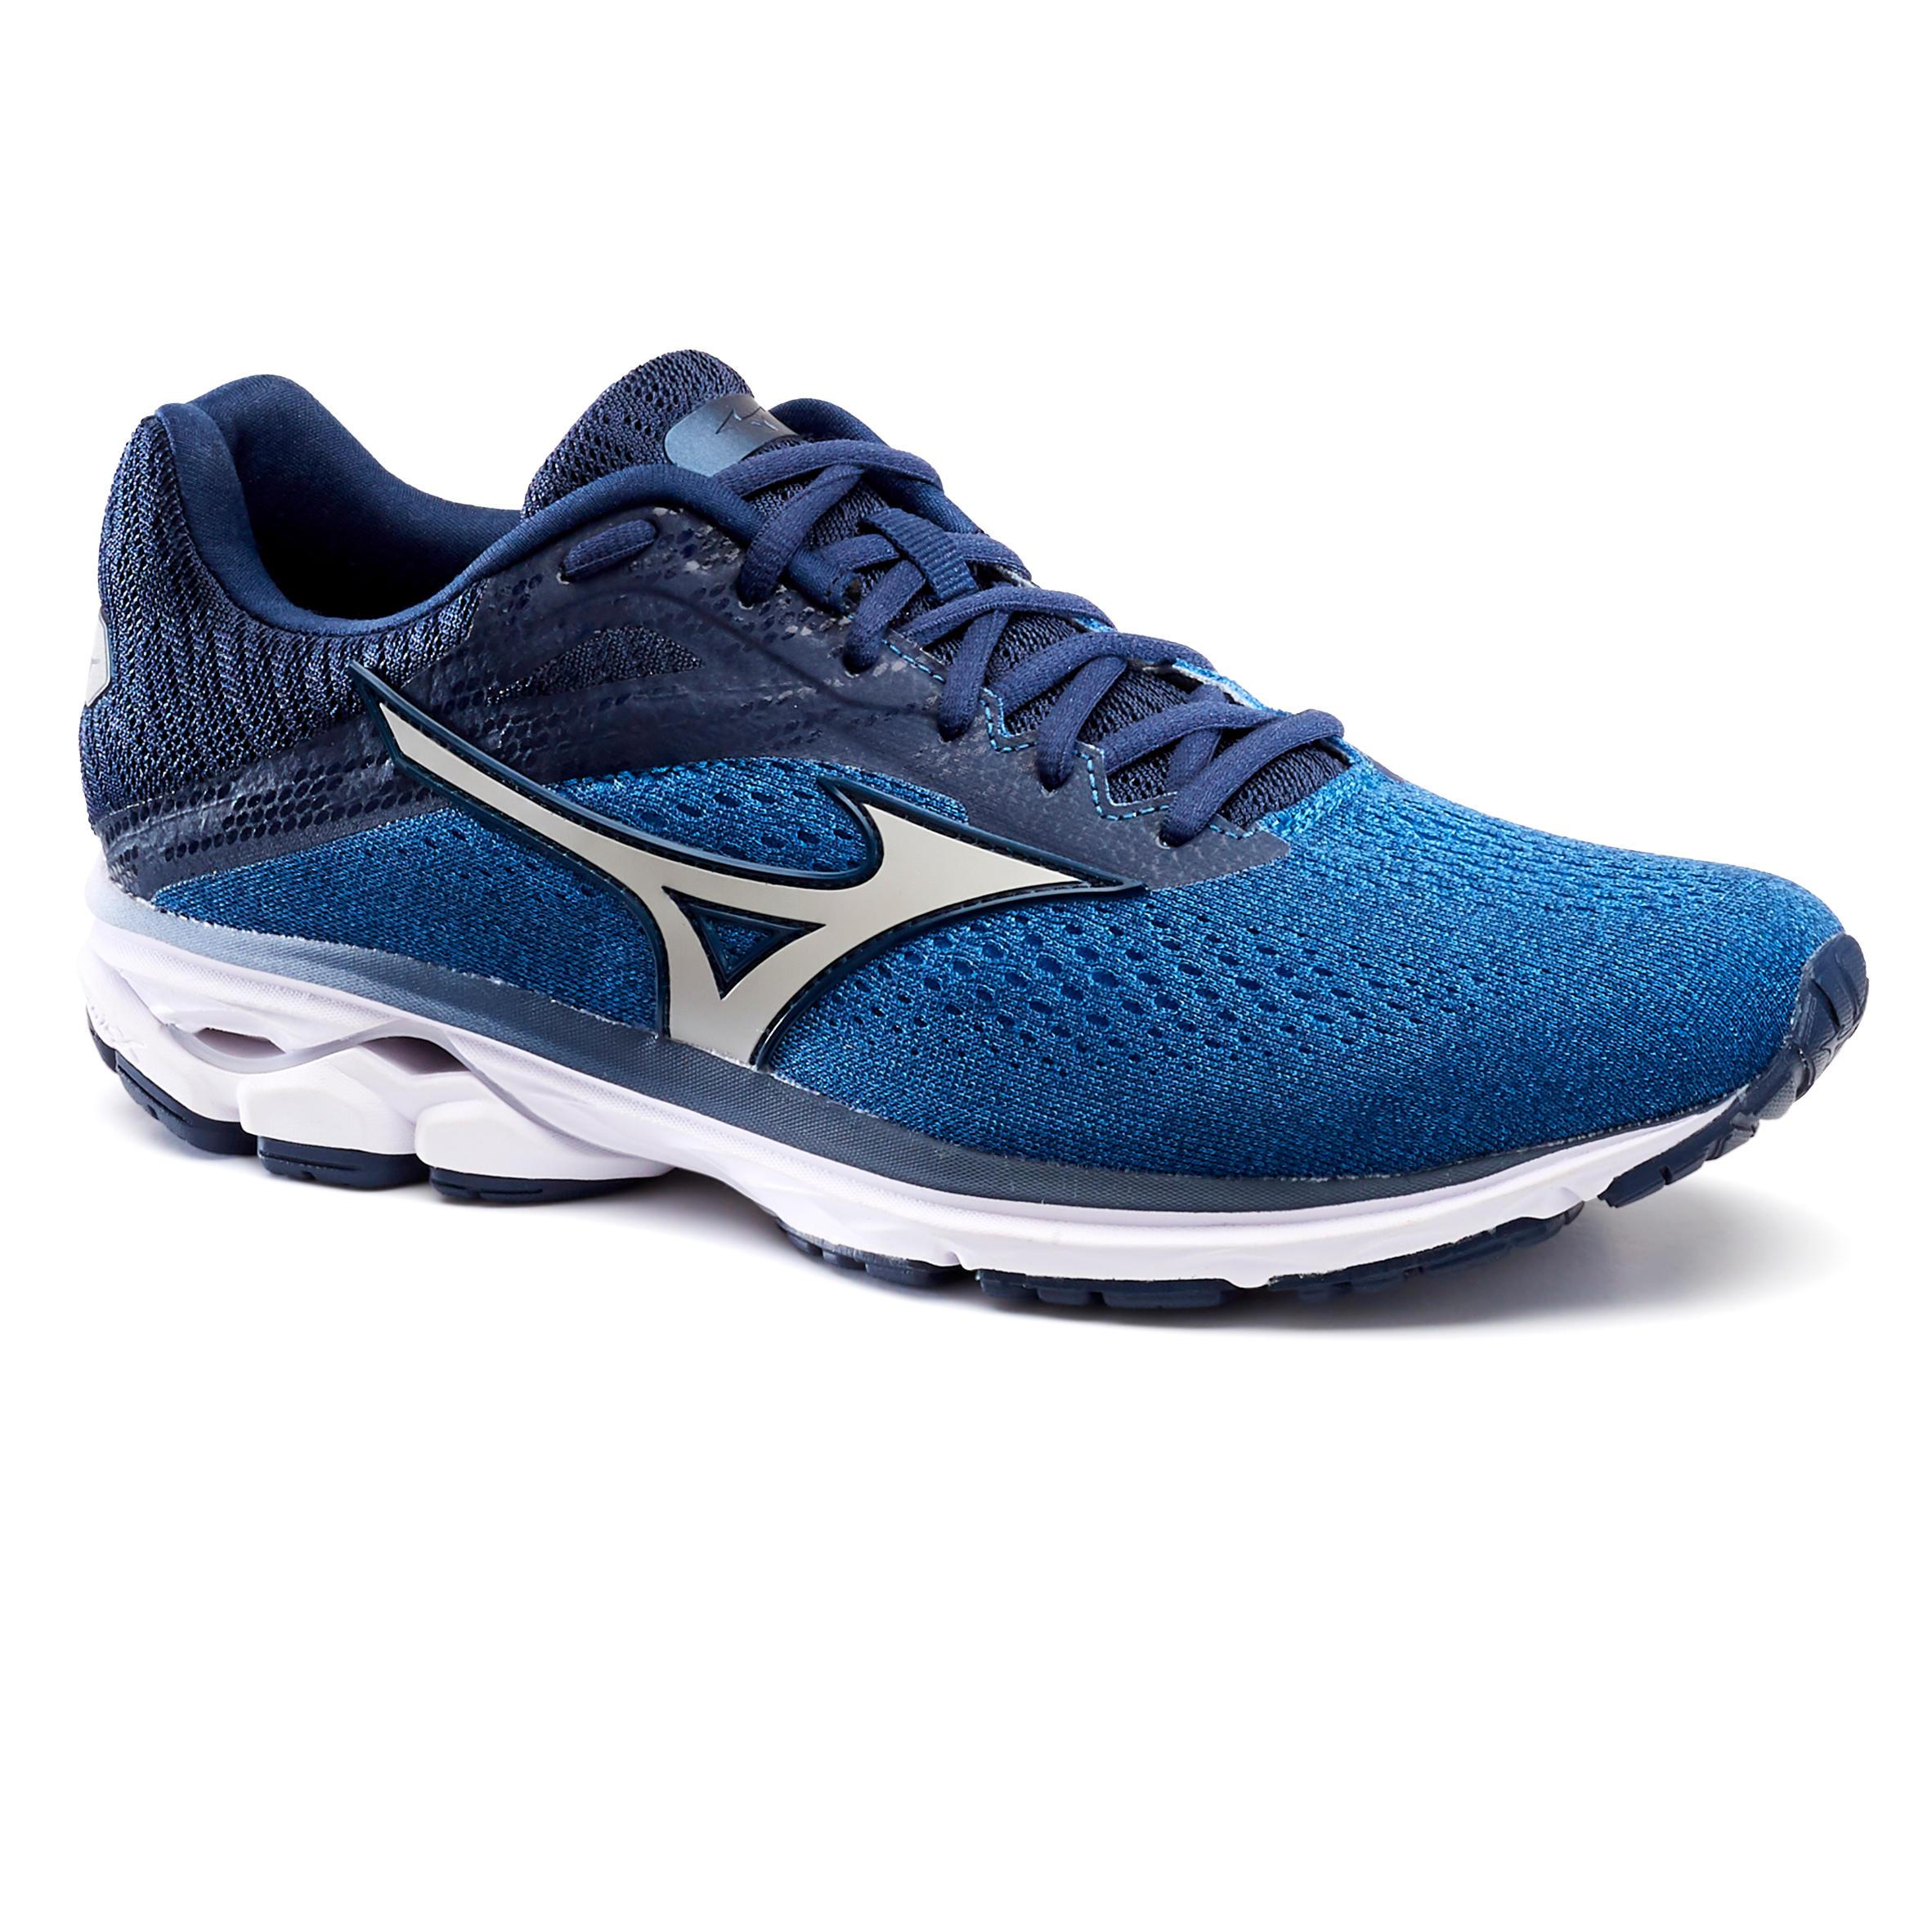 pretty nice best quality elegant shoes adidas adistar boost decathlon